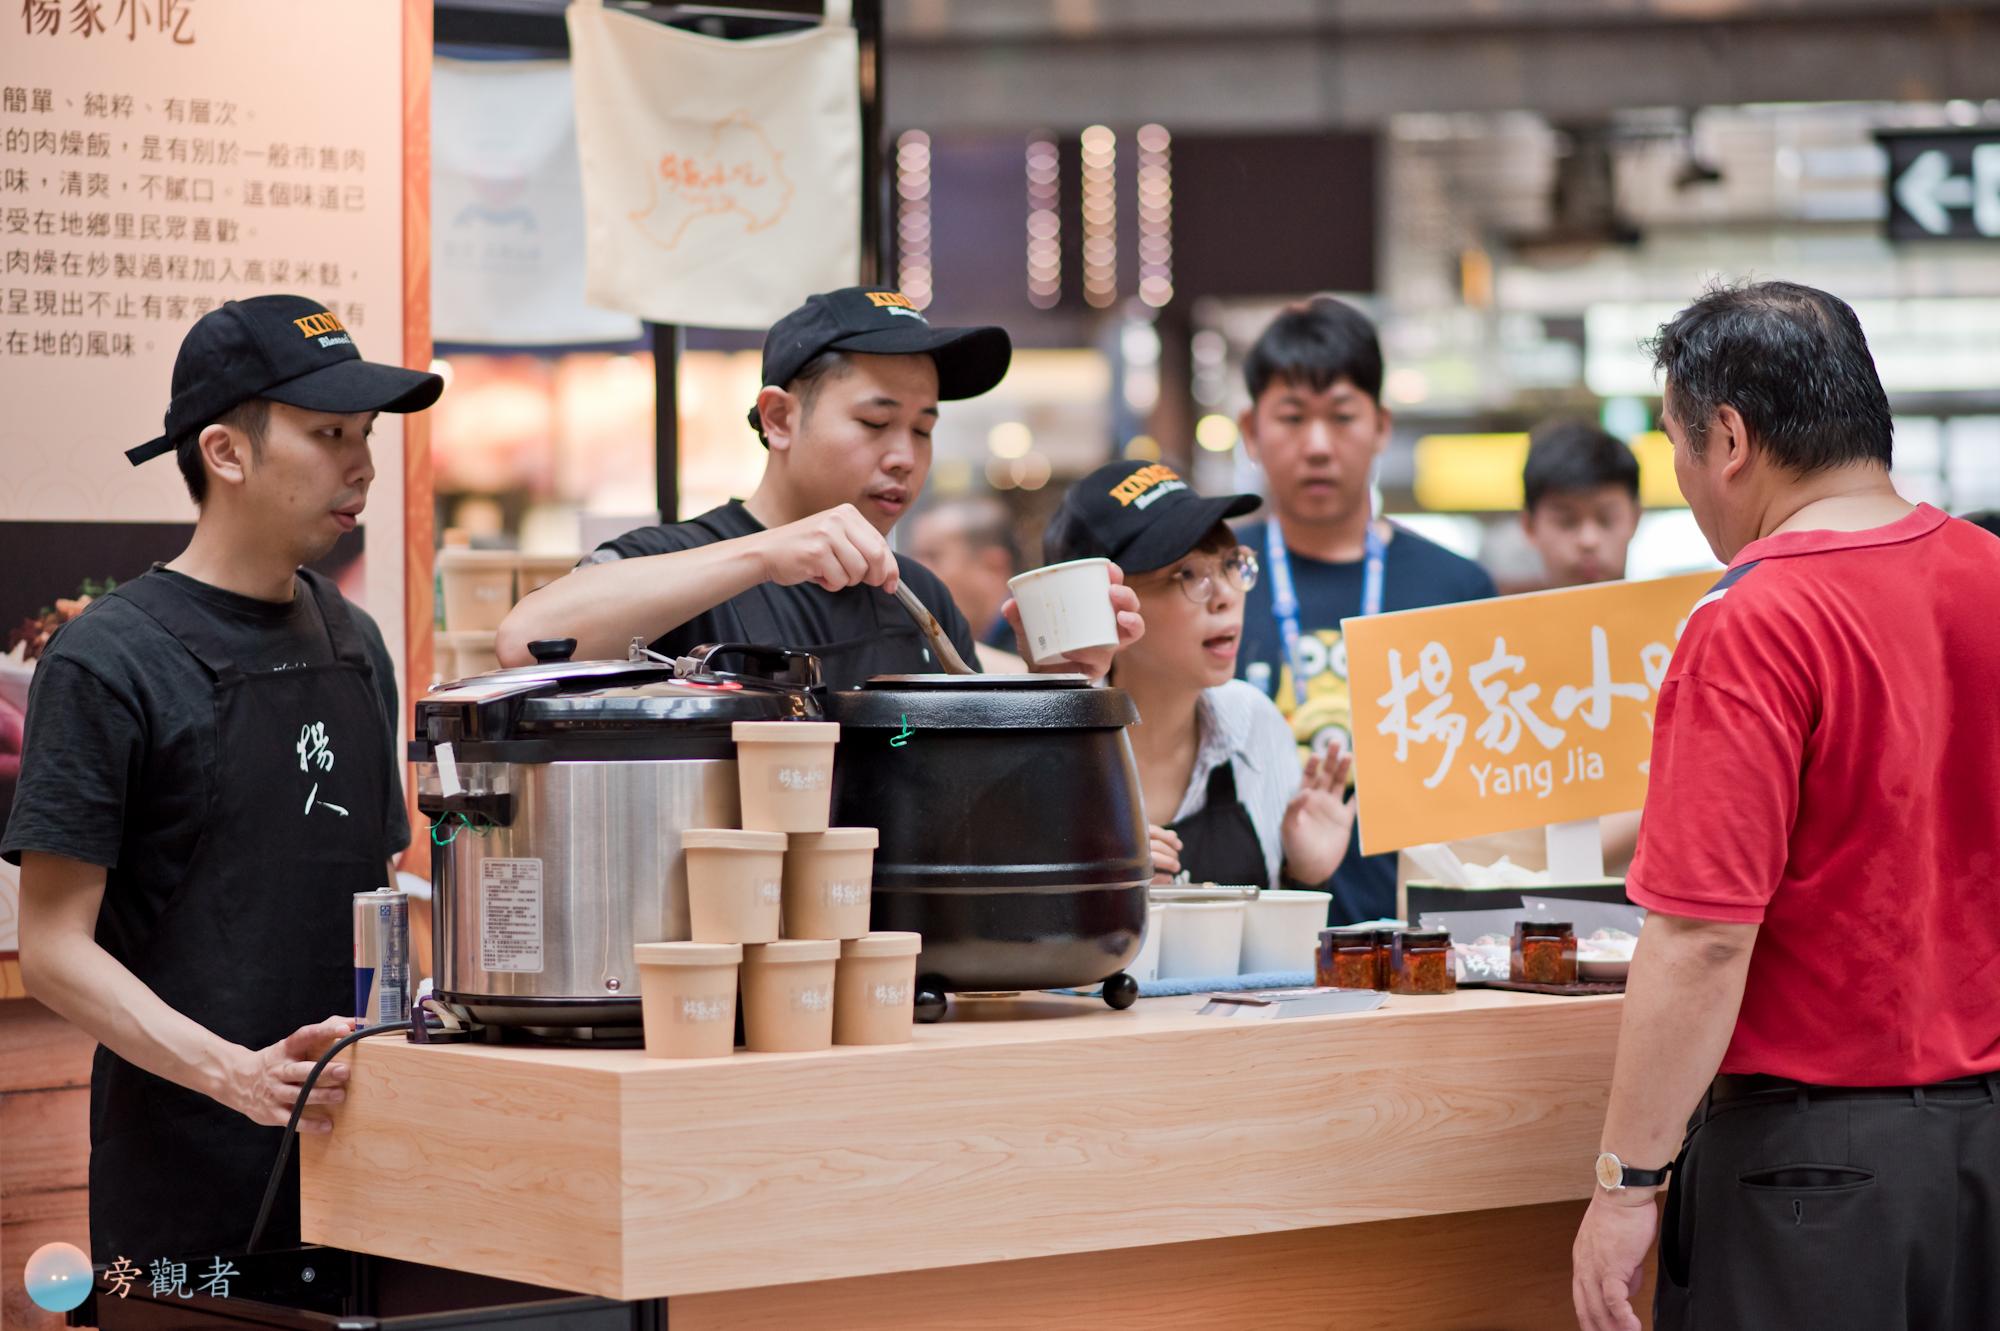 店員為顧客準備魯肉飯